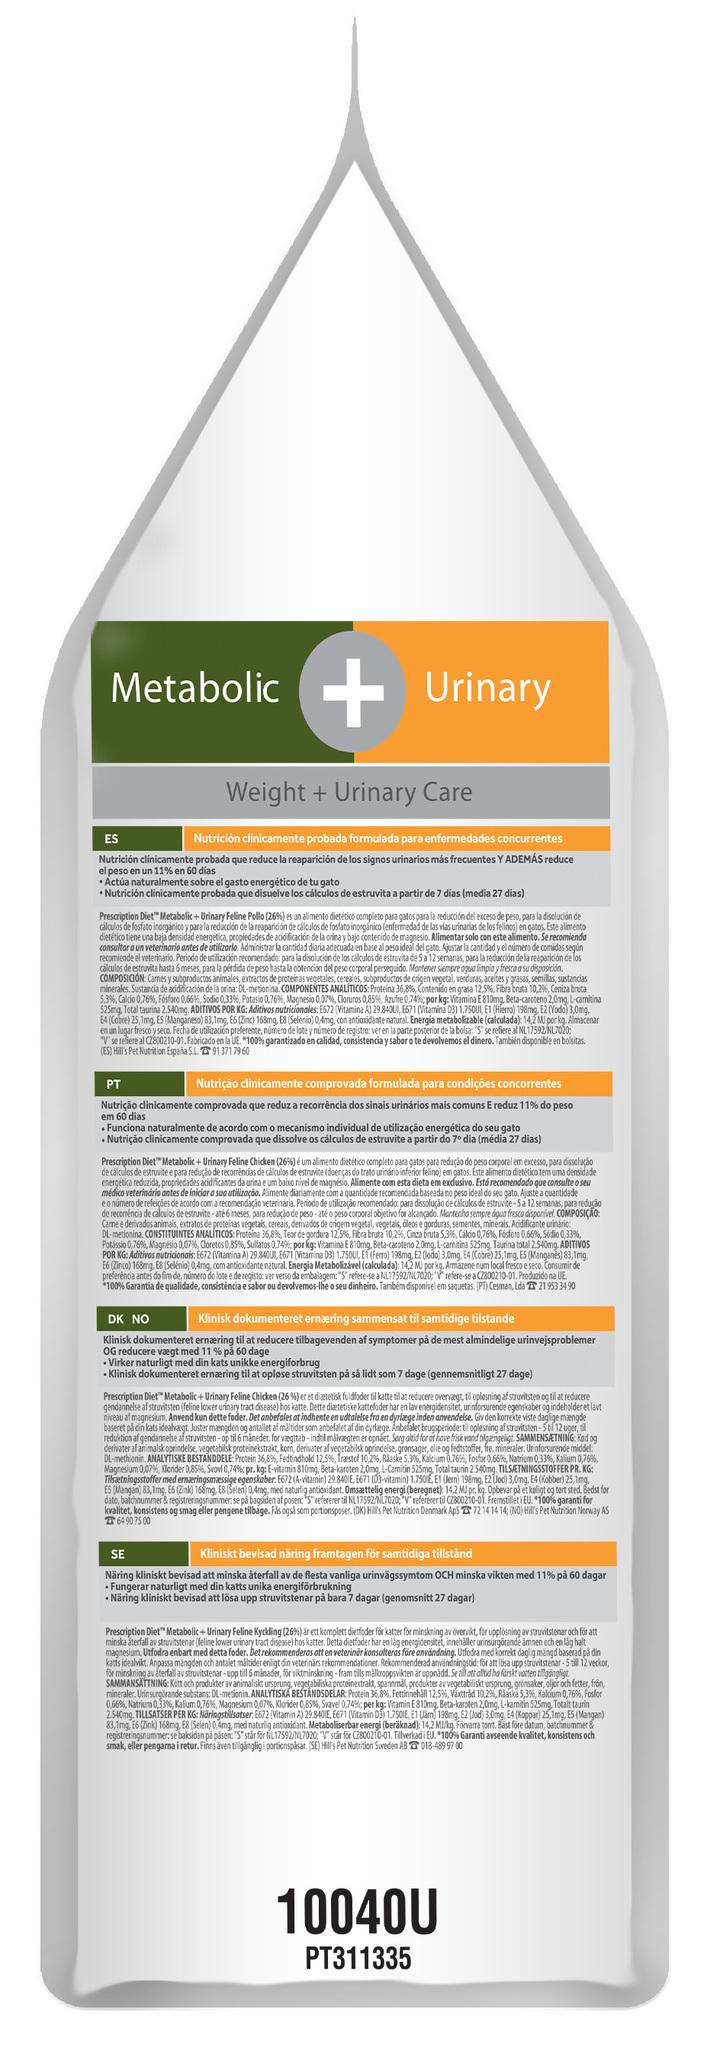 купить хиллс Hill's™ Prescription Diet™ Feline Metabolic + Urinary Care сухой корм для взрослых кошек, диетический рацион для коррекции веса + урология 1.5 кг